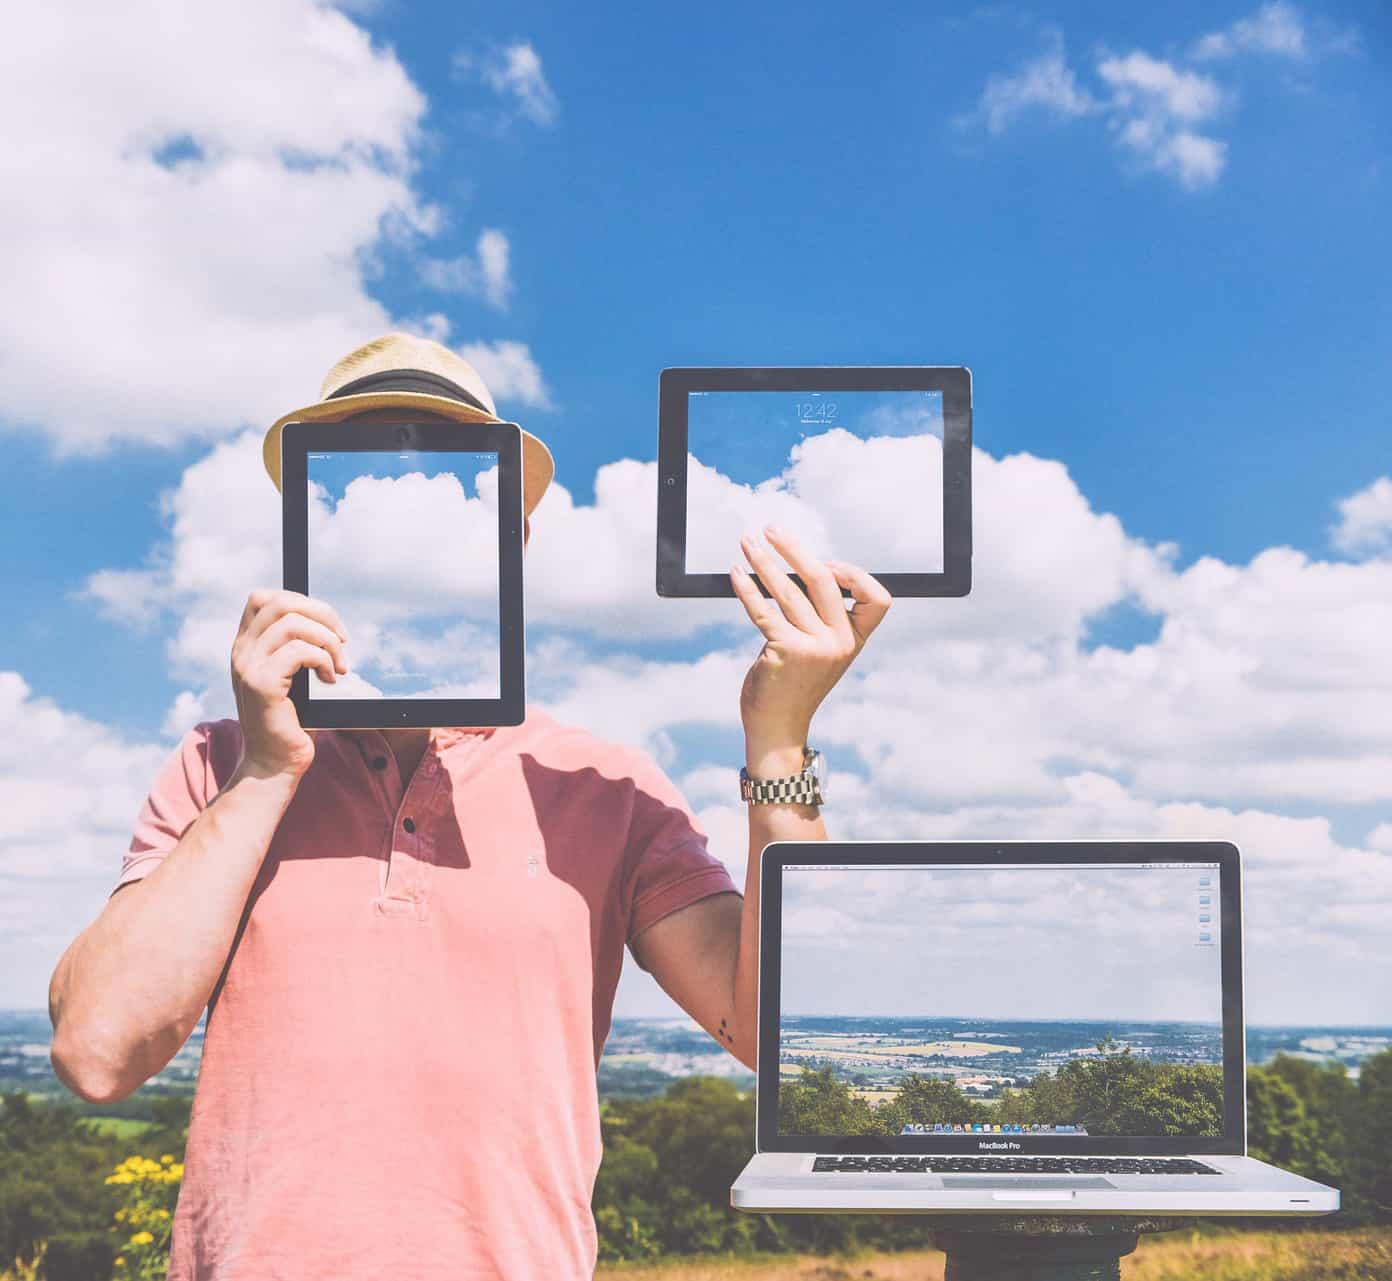 L'ère numérique induit une révolution - Digitnoveo